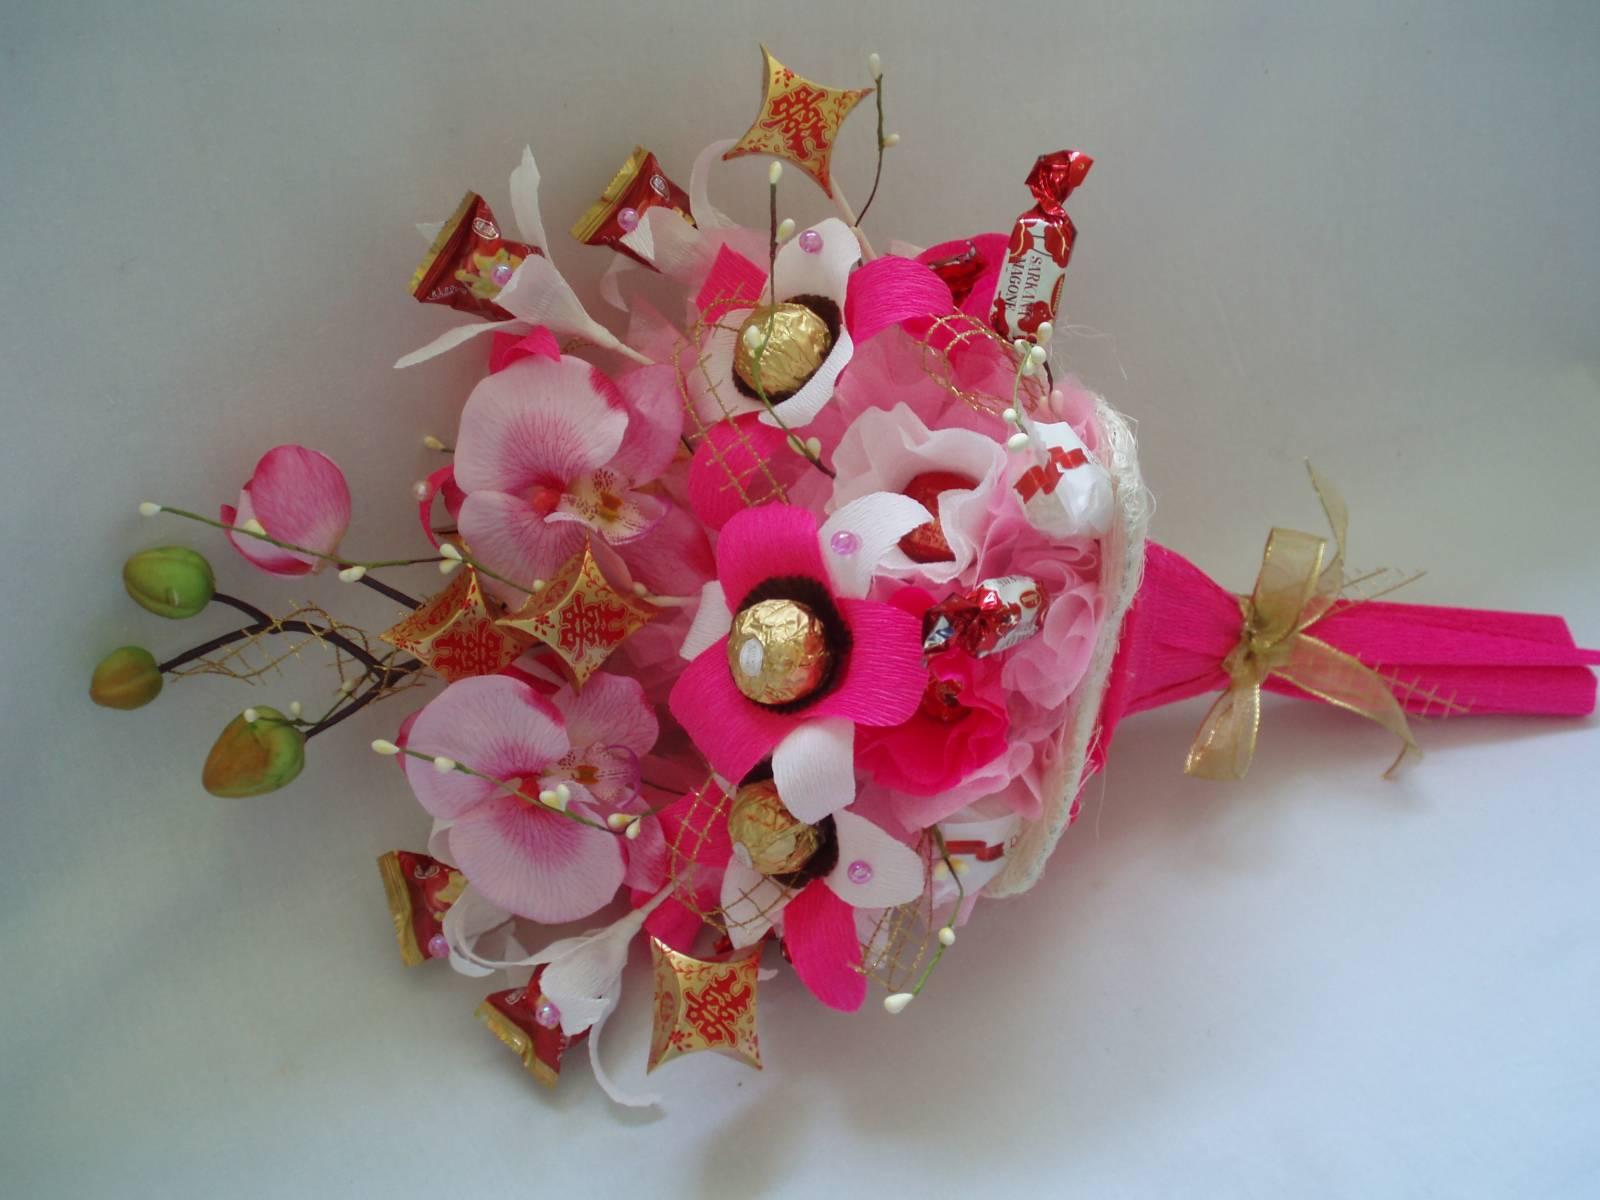 Букет из орхидей: как самостоятельно составить цветочную